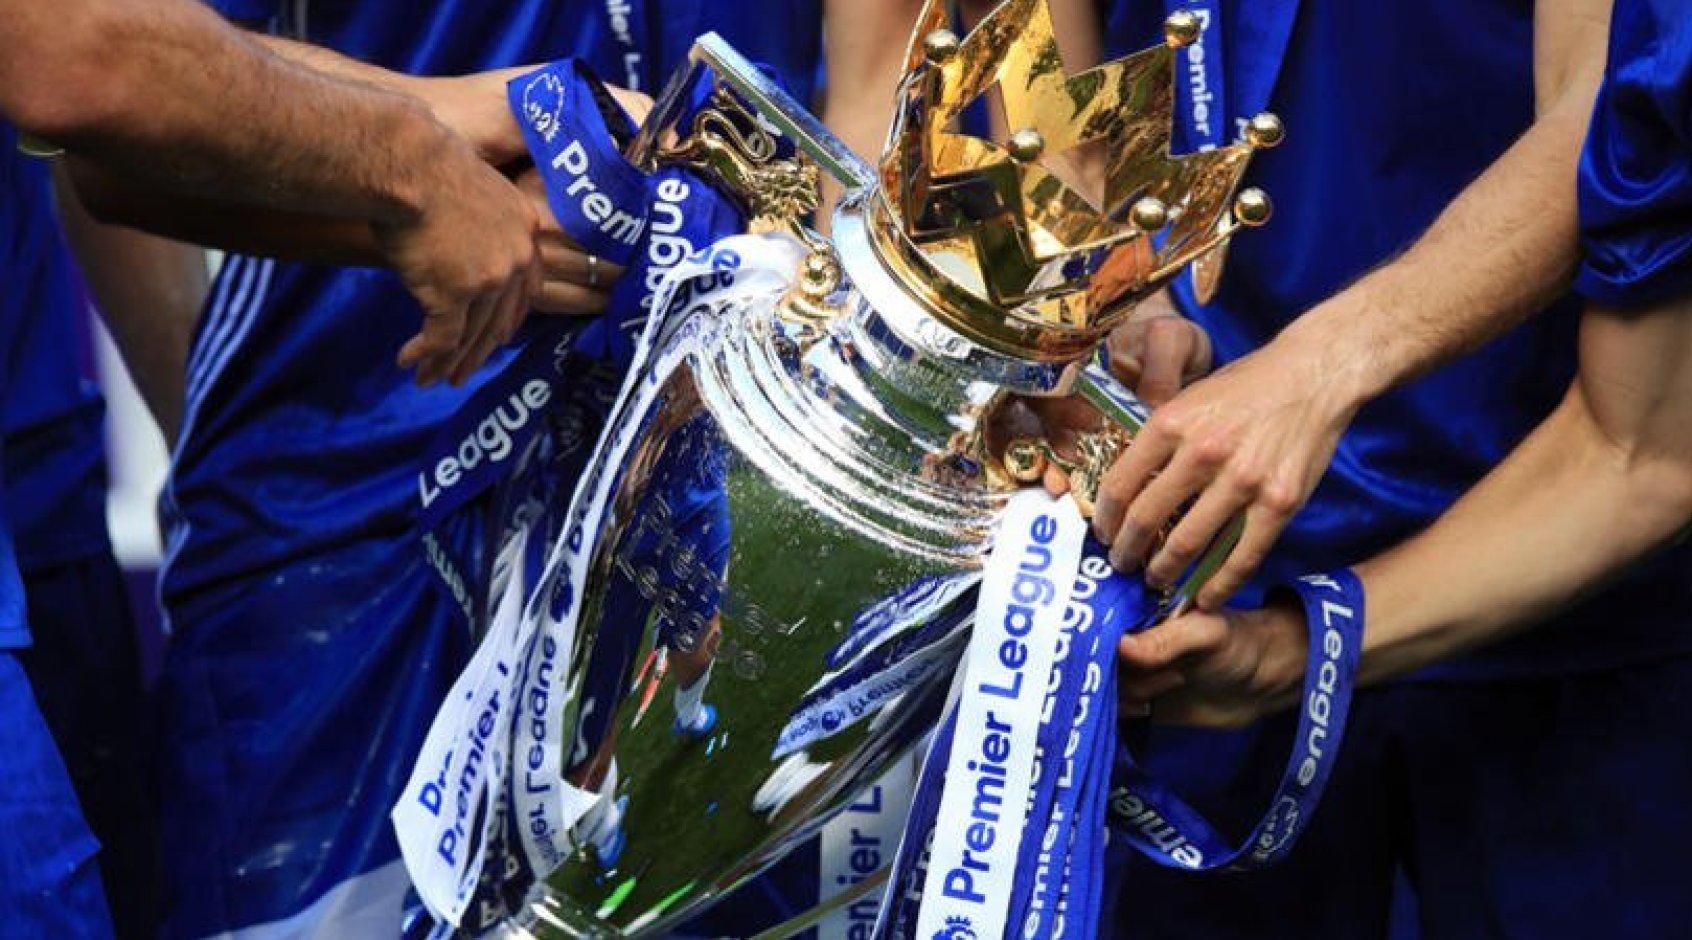 Как коронавирус повлиял на чемпионат Англии: бюджеты, контракты, зарплаты